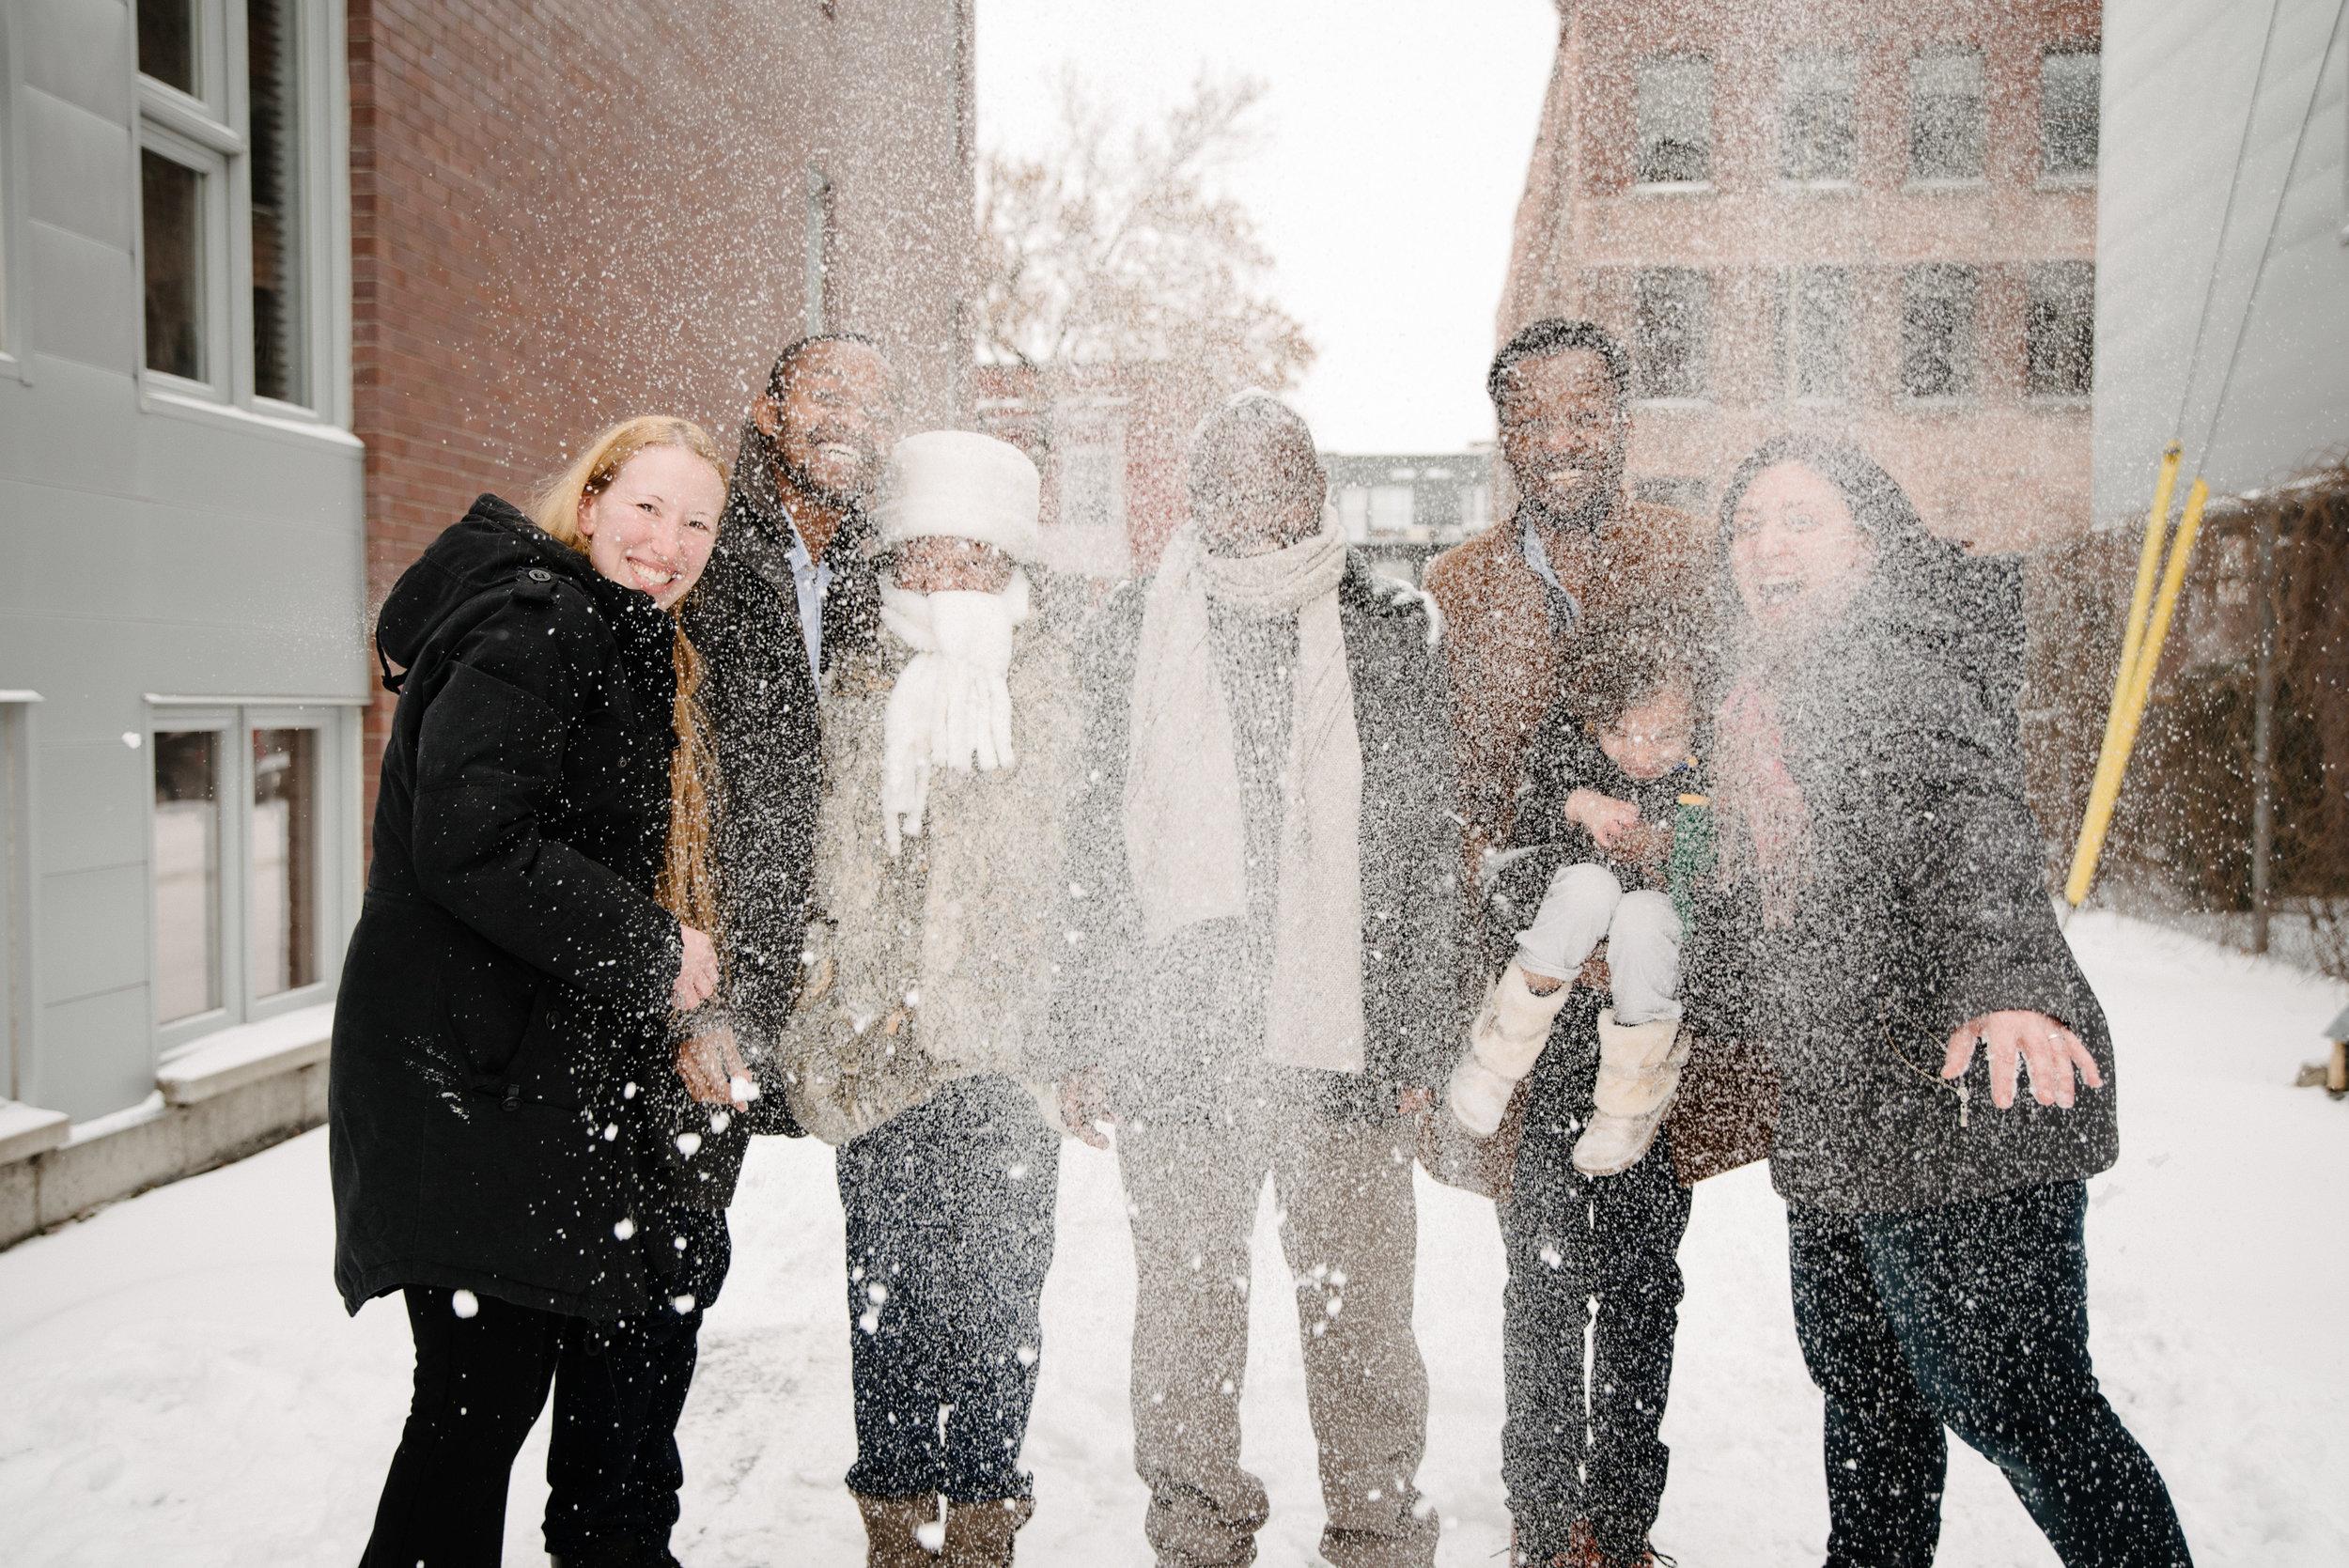 photo-de-famille-qui-joue-dans-la-neige-ruelle-montrealaise-photographe-de-famille-a-montreal-marianne-charland-1685.jpg